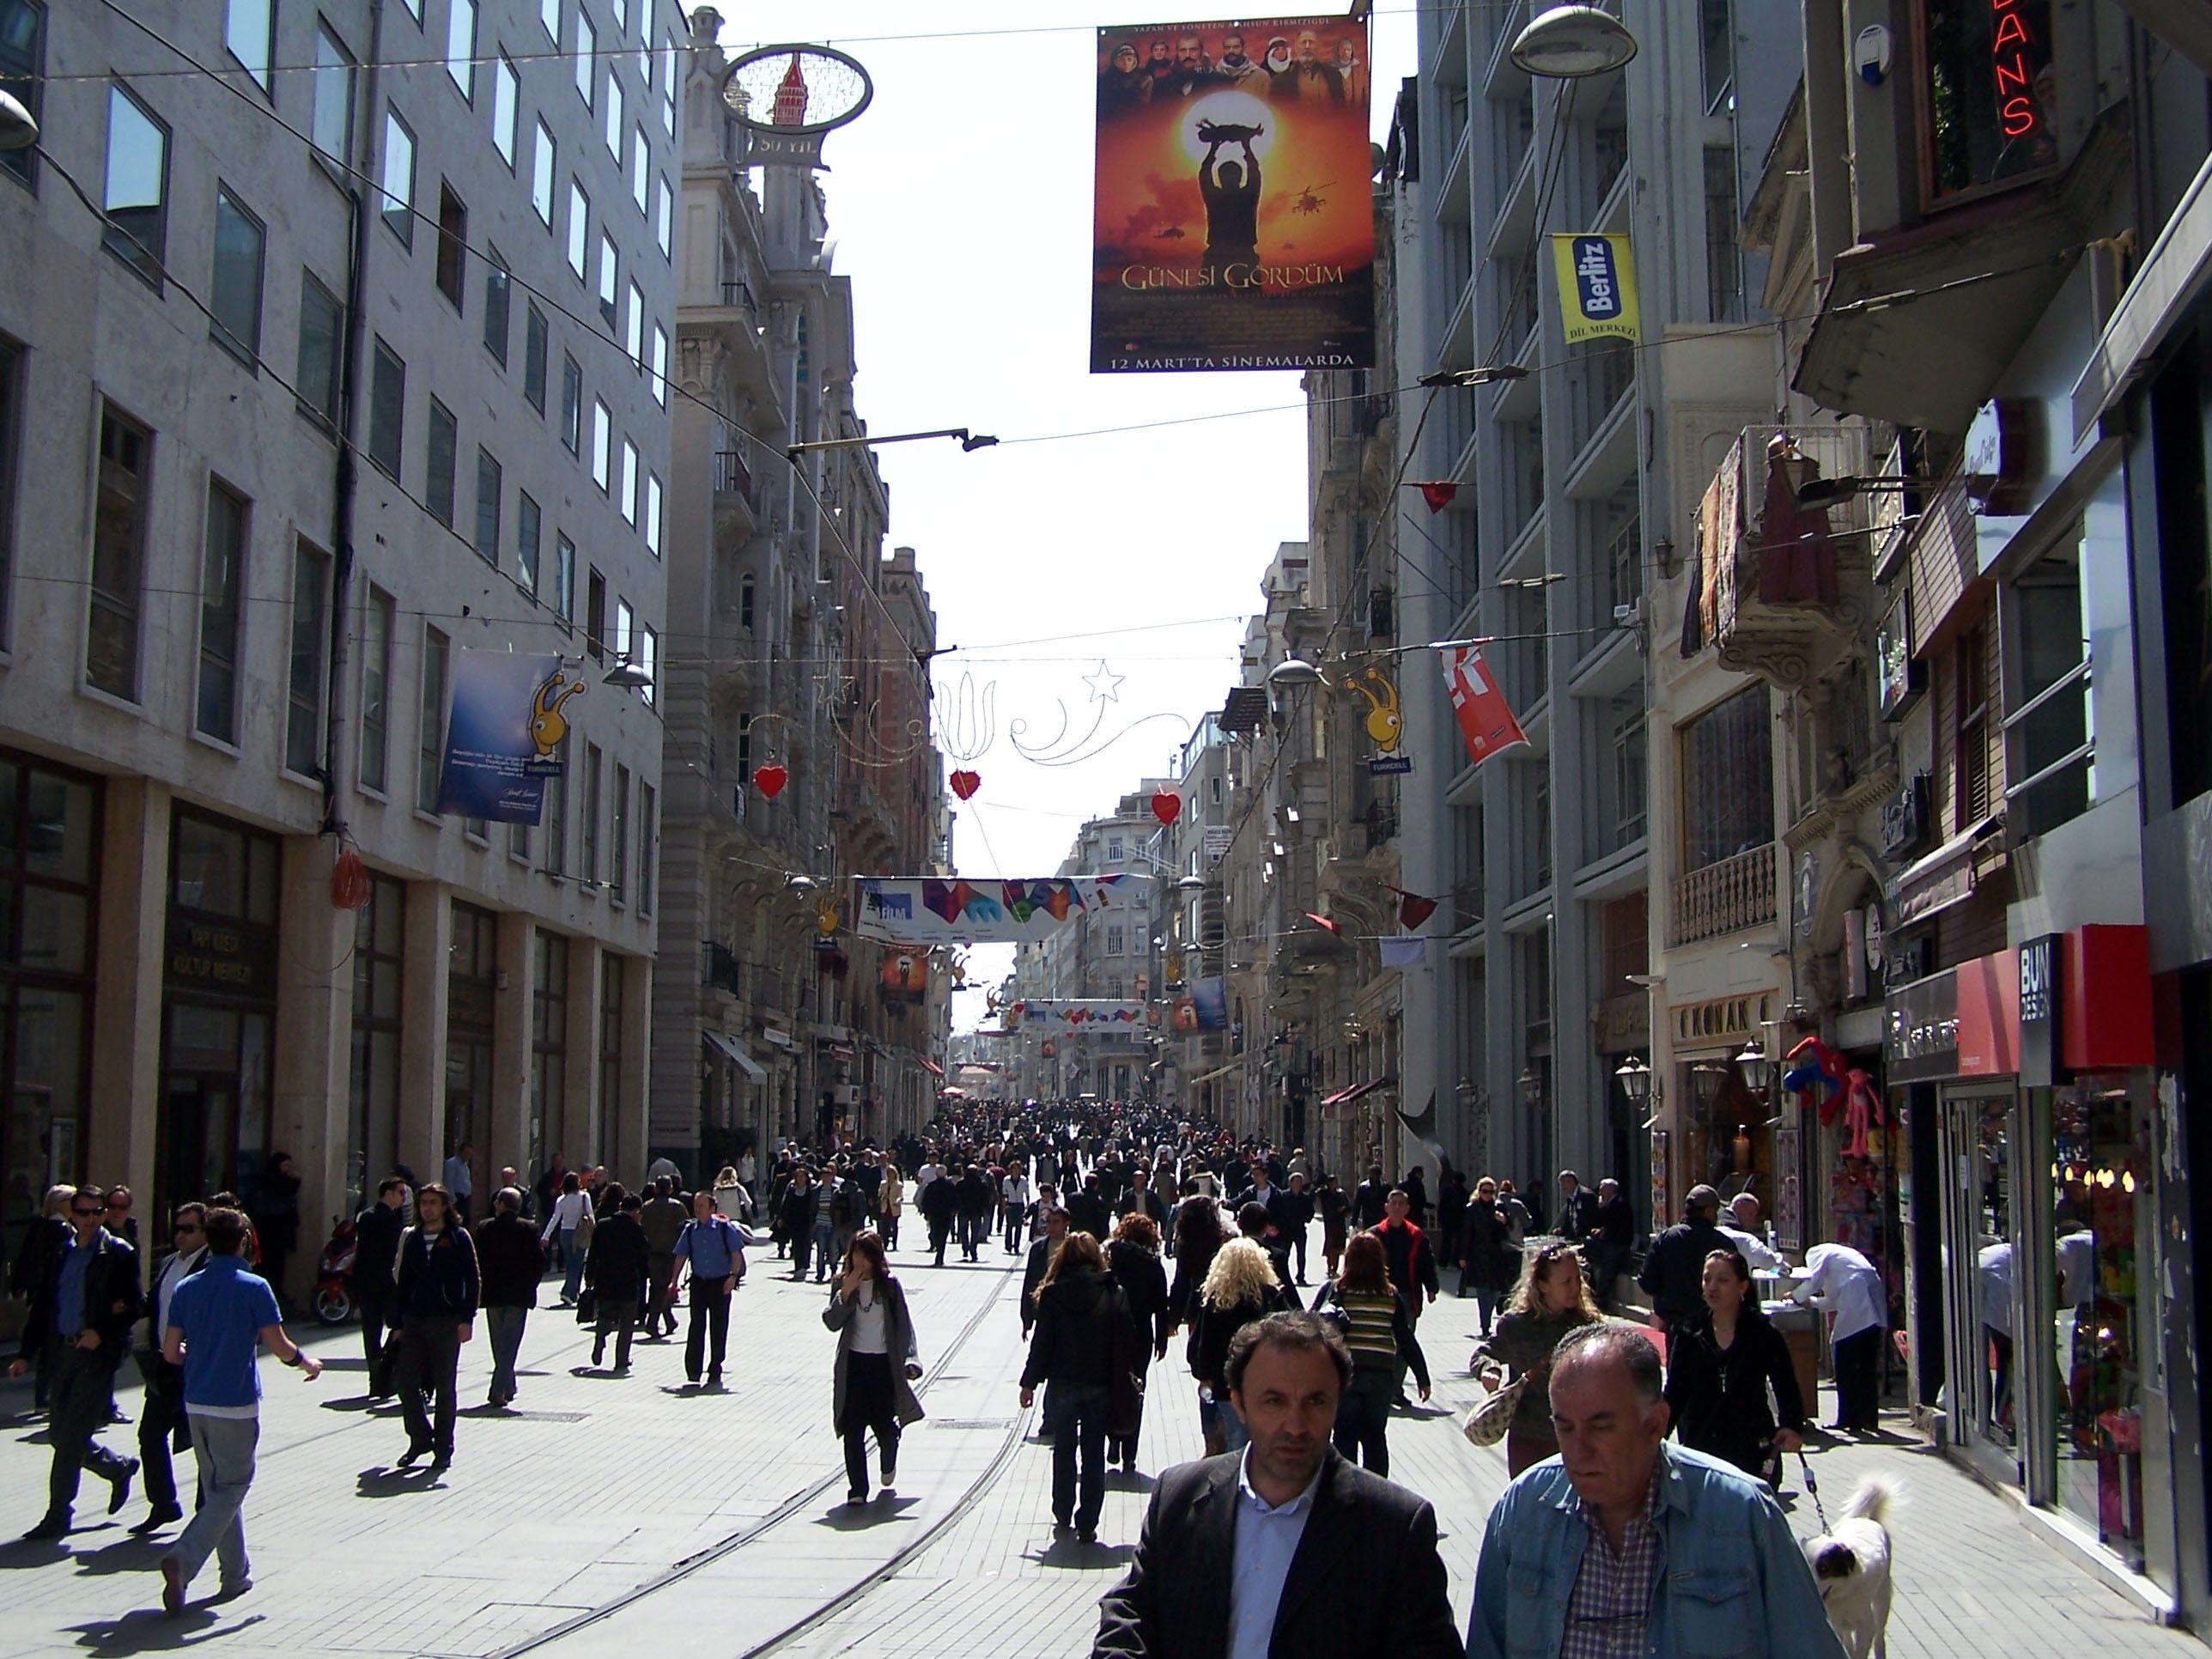 La avenida de Istiklal es una de las avenidas más famosas de Estambul.